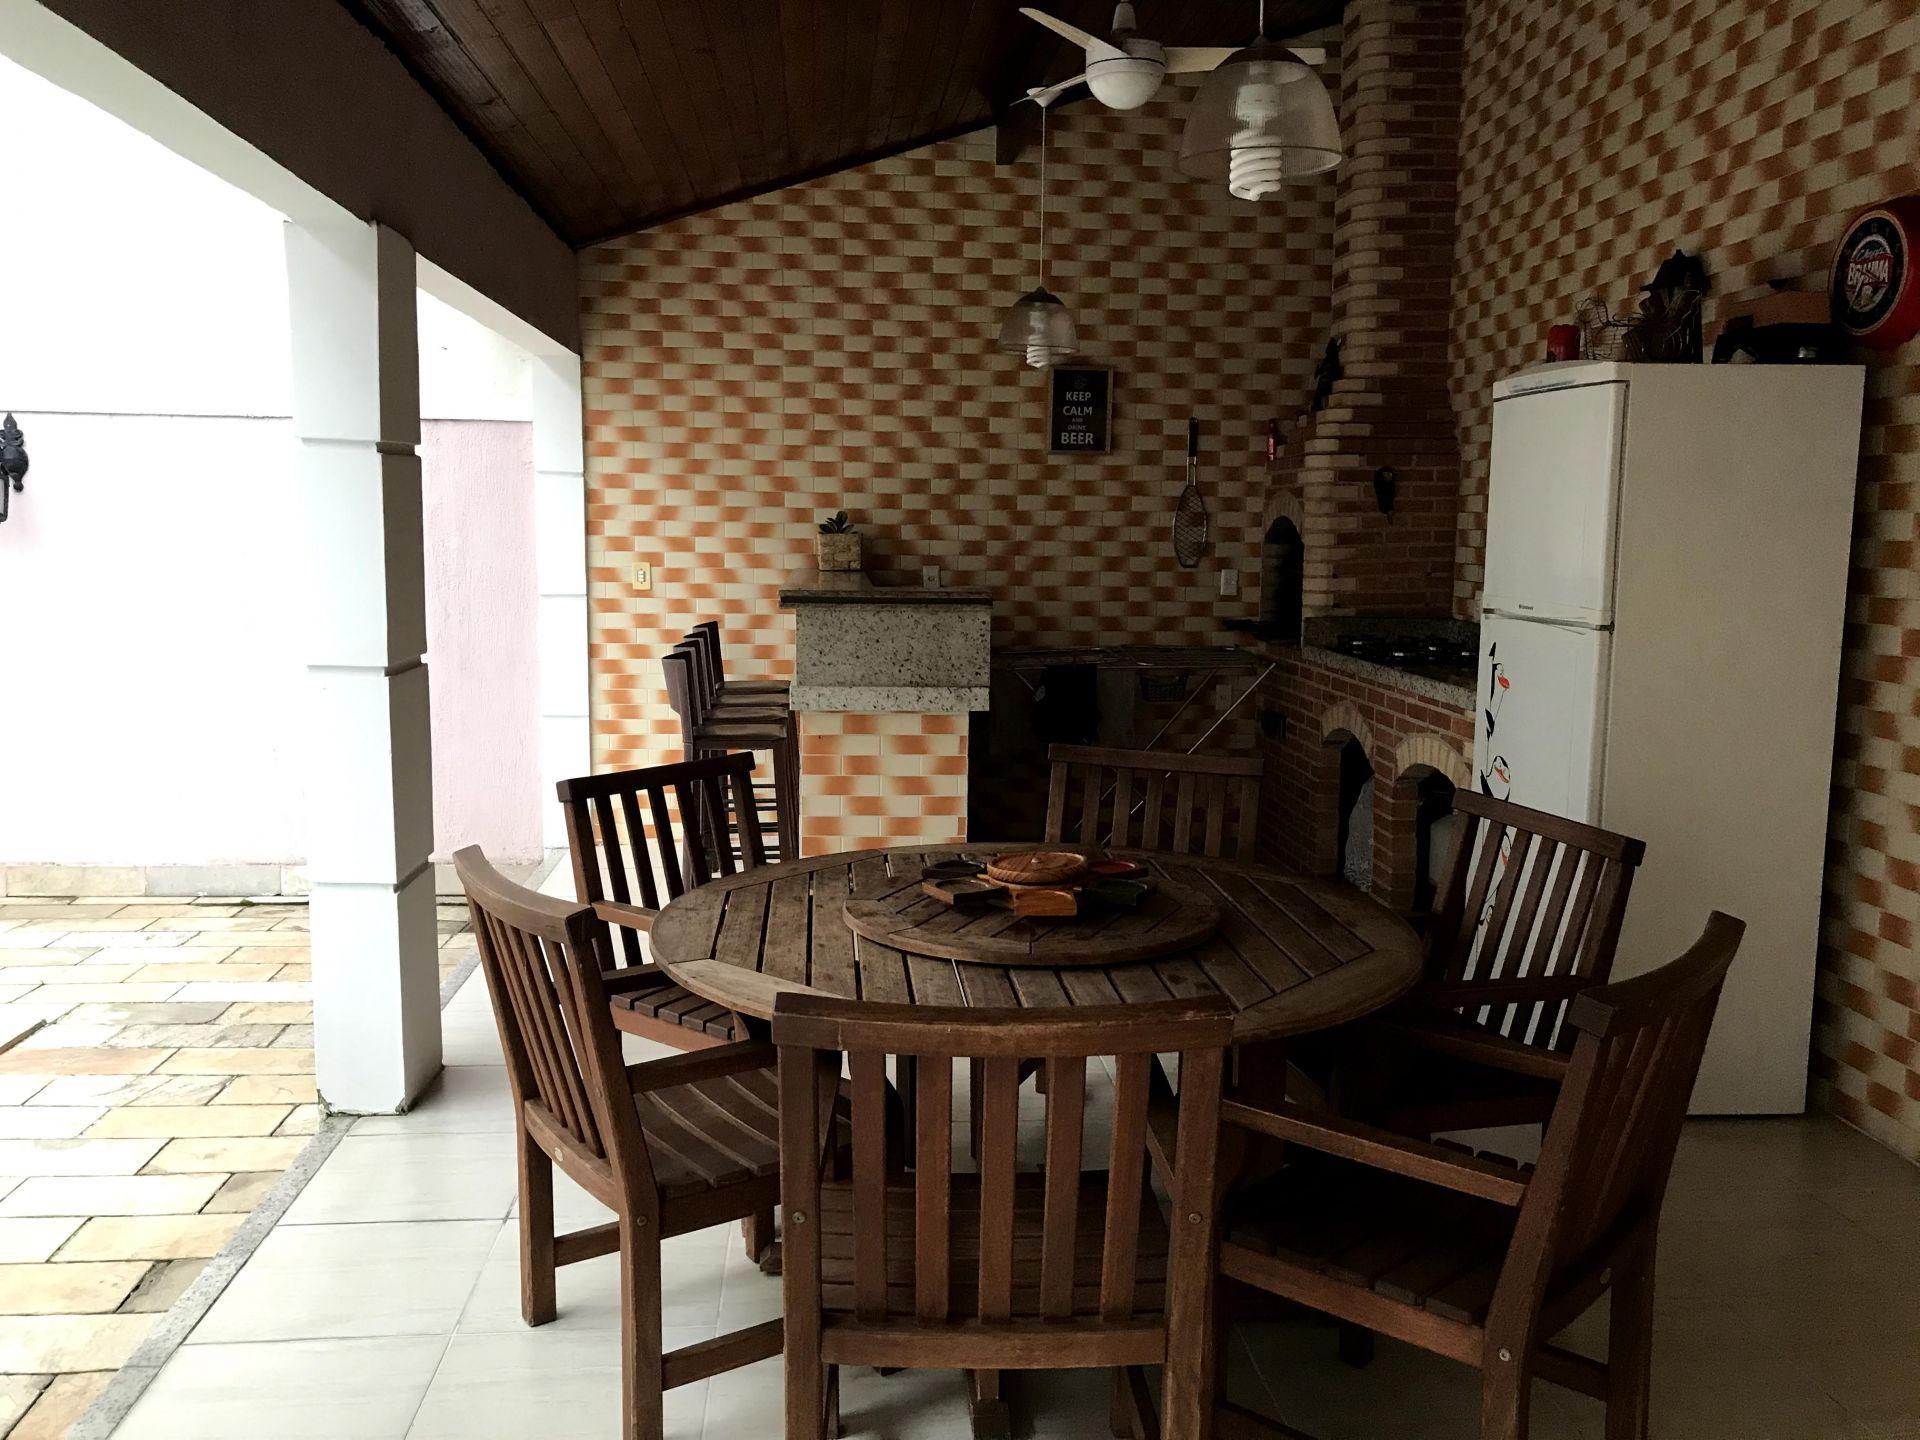 FOTO 20 - Casa em Condomínio à venda Rua Rosário Oeste,Vila Valqueire, Rio de Janeiro - R$ 1.500.000 - RF257 - 21